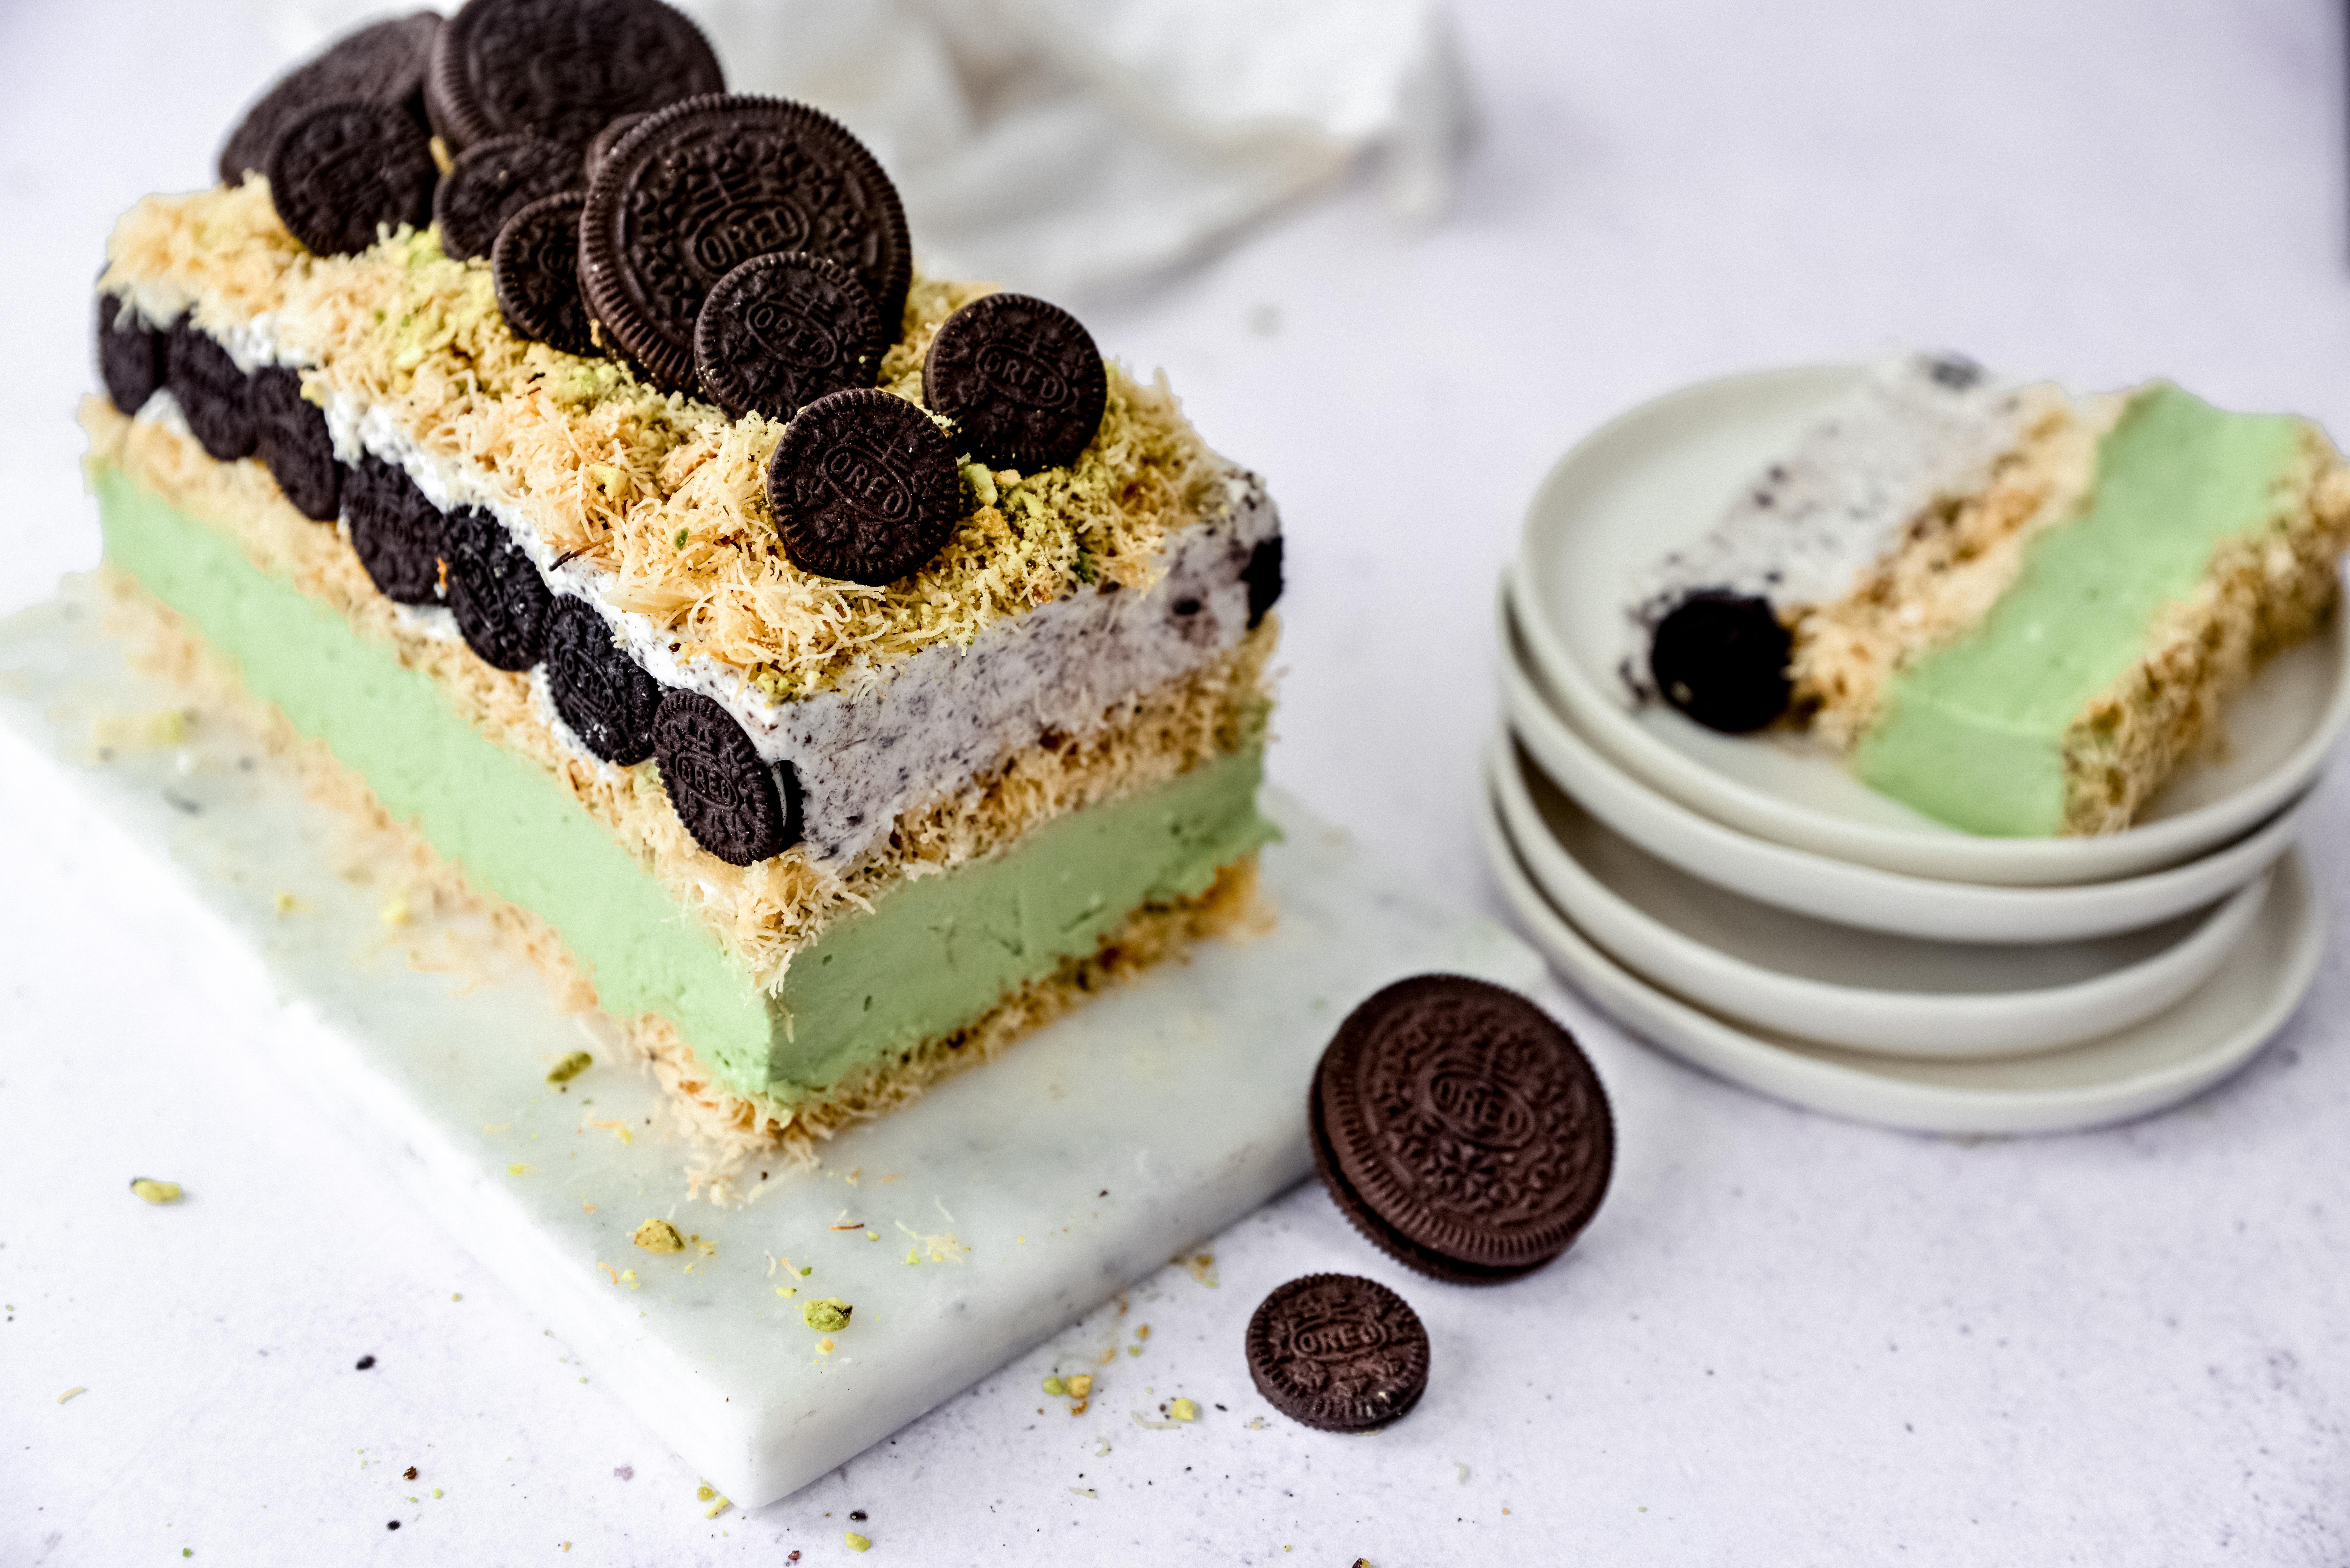 עוגת קדאיף במילוי קרם גבינה ופיסטוק